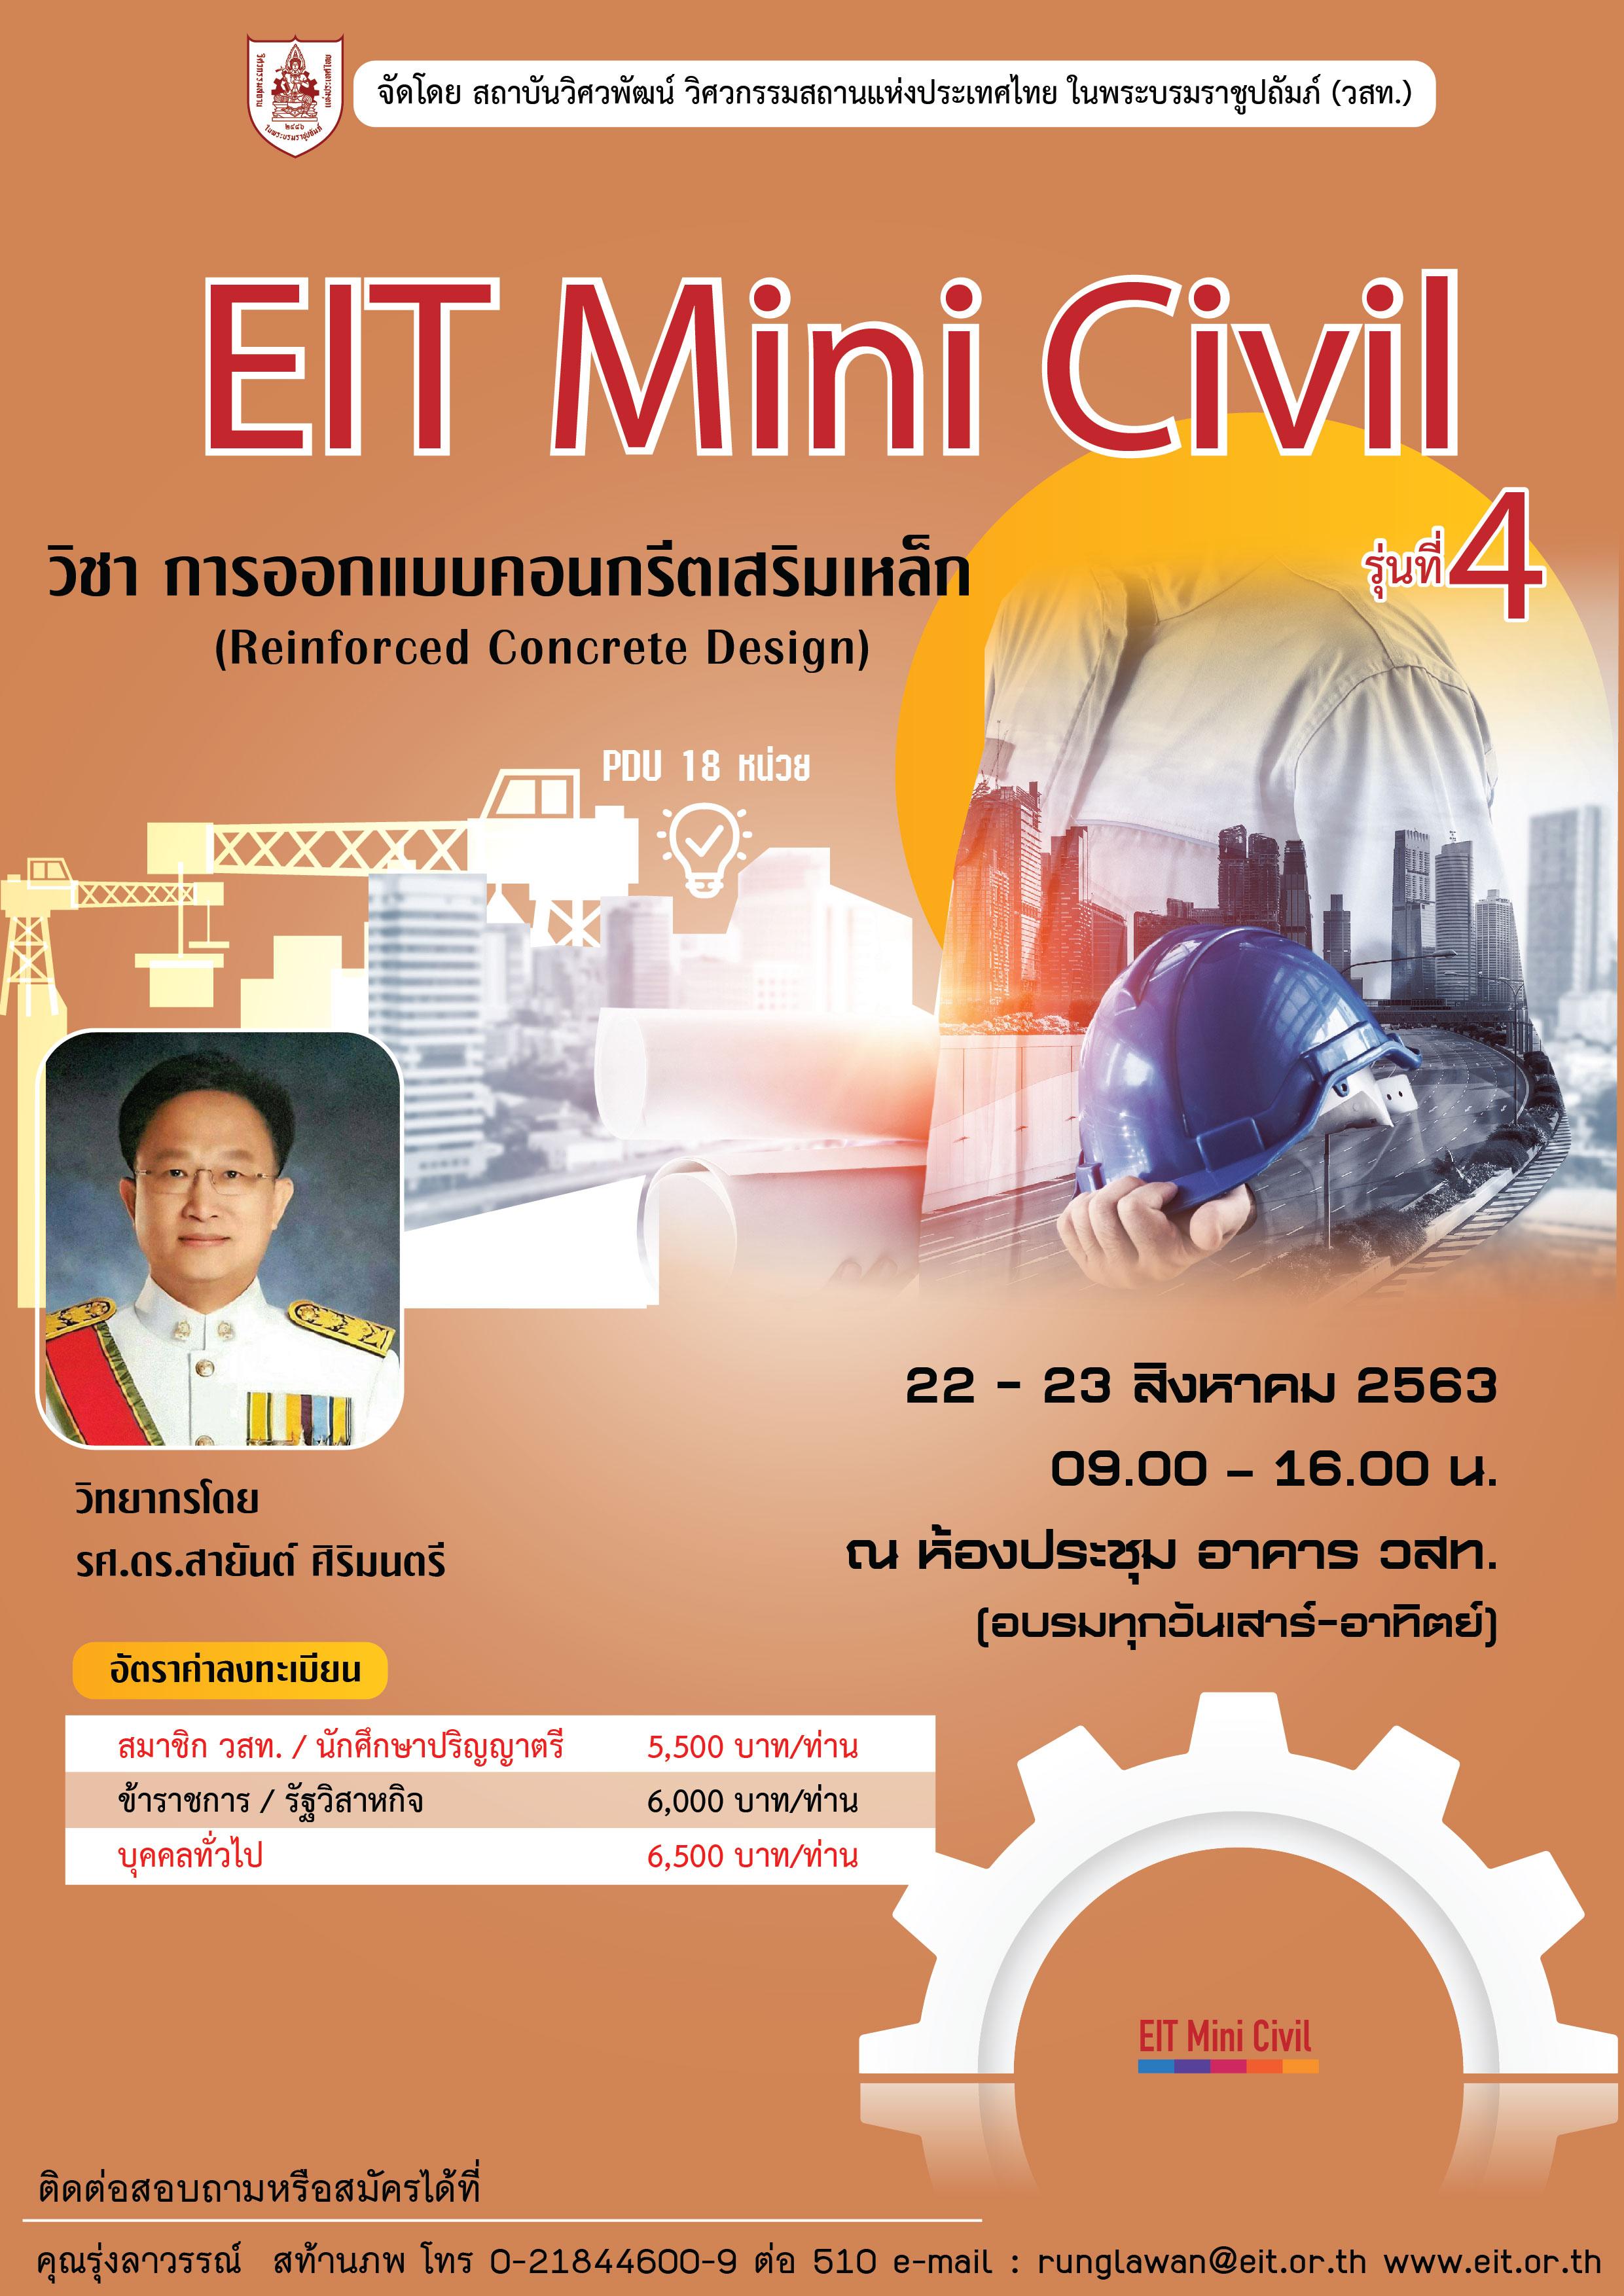 22-23/08/63 การอบรมหลักสูตร EIT Mini Civil รุ่นที่ 4 วิชาที่ 5 การออกแบบคอนกรีตเสริมเหล็ก (Reinforced Concrete Design)